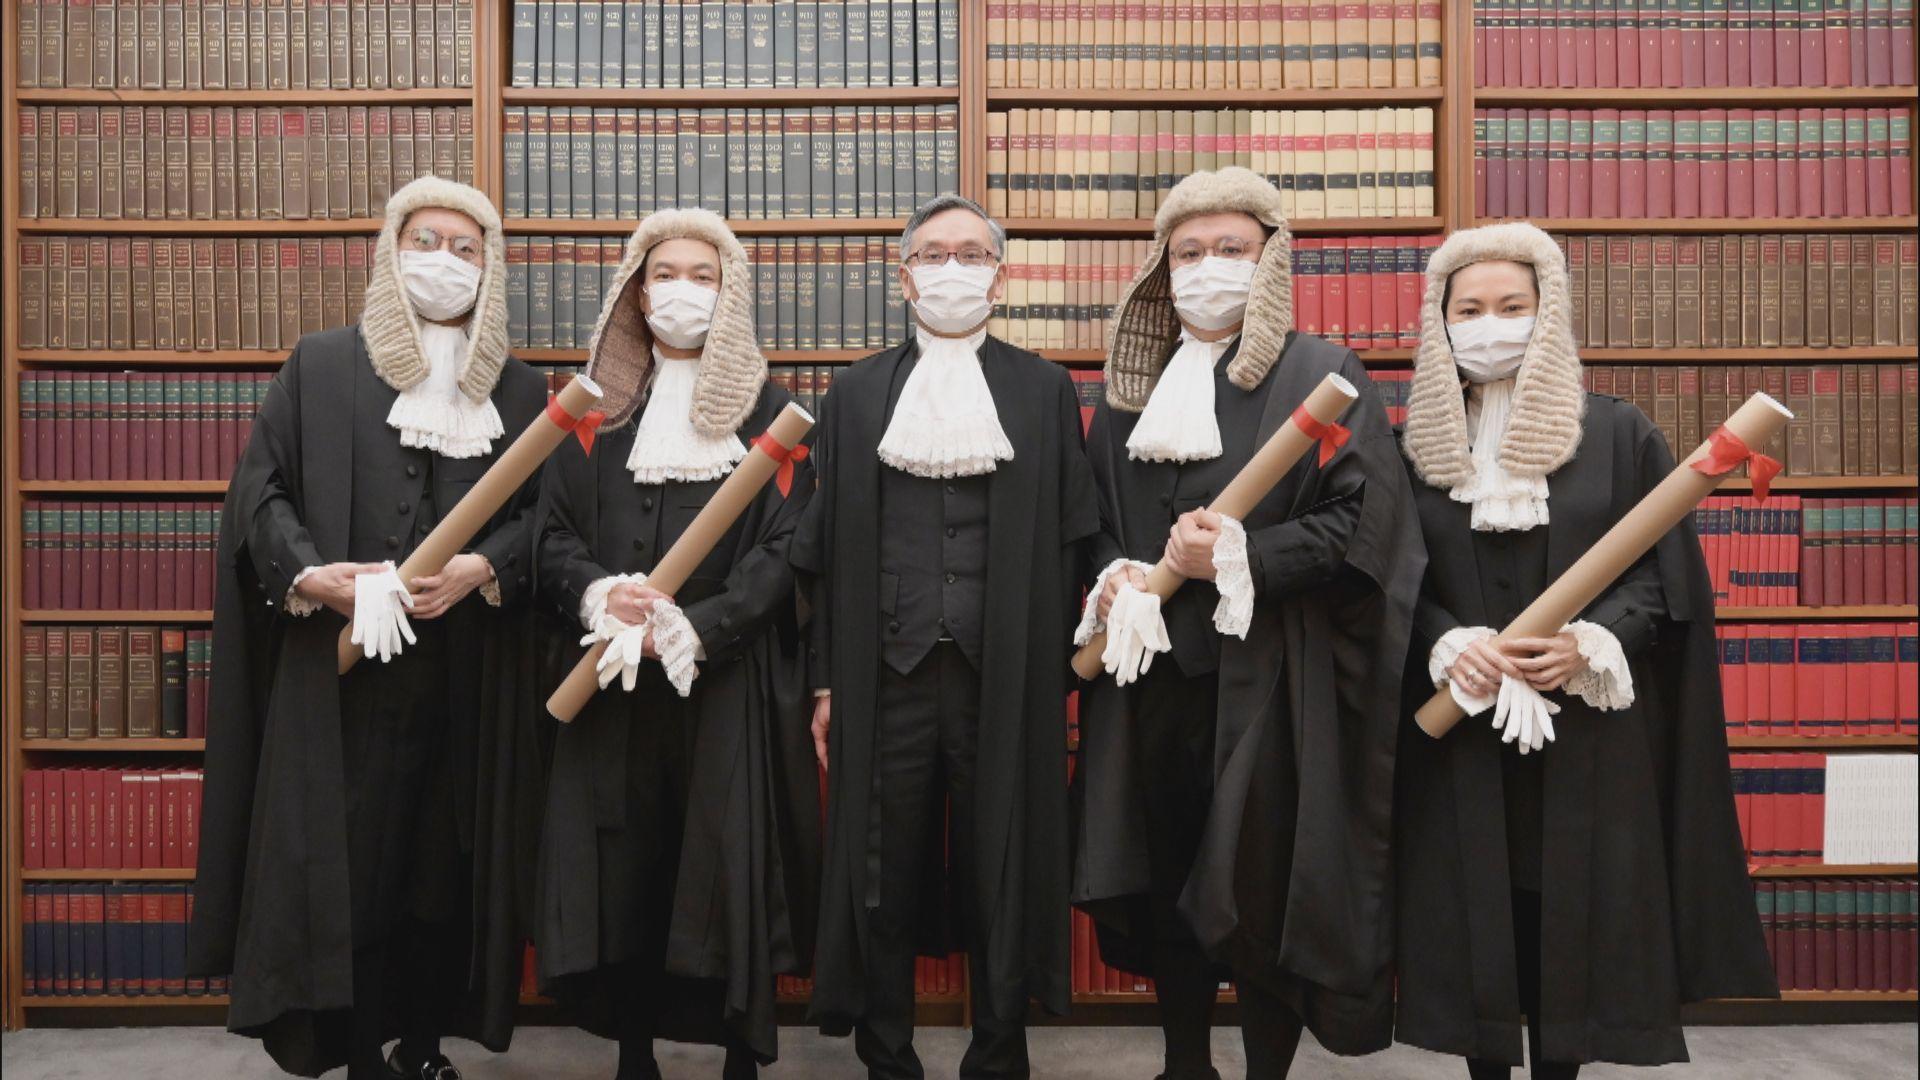 張舉能:不同意判決就質疑司法機構獨立性會令法治受損